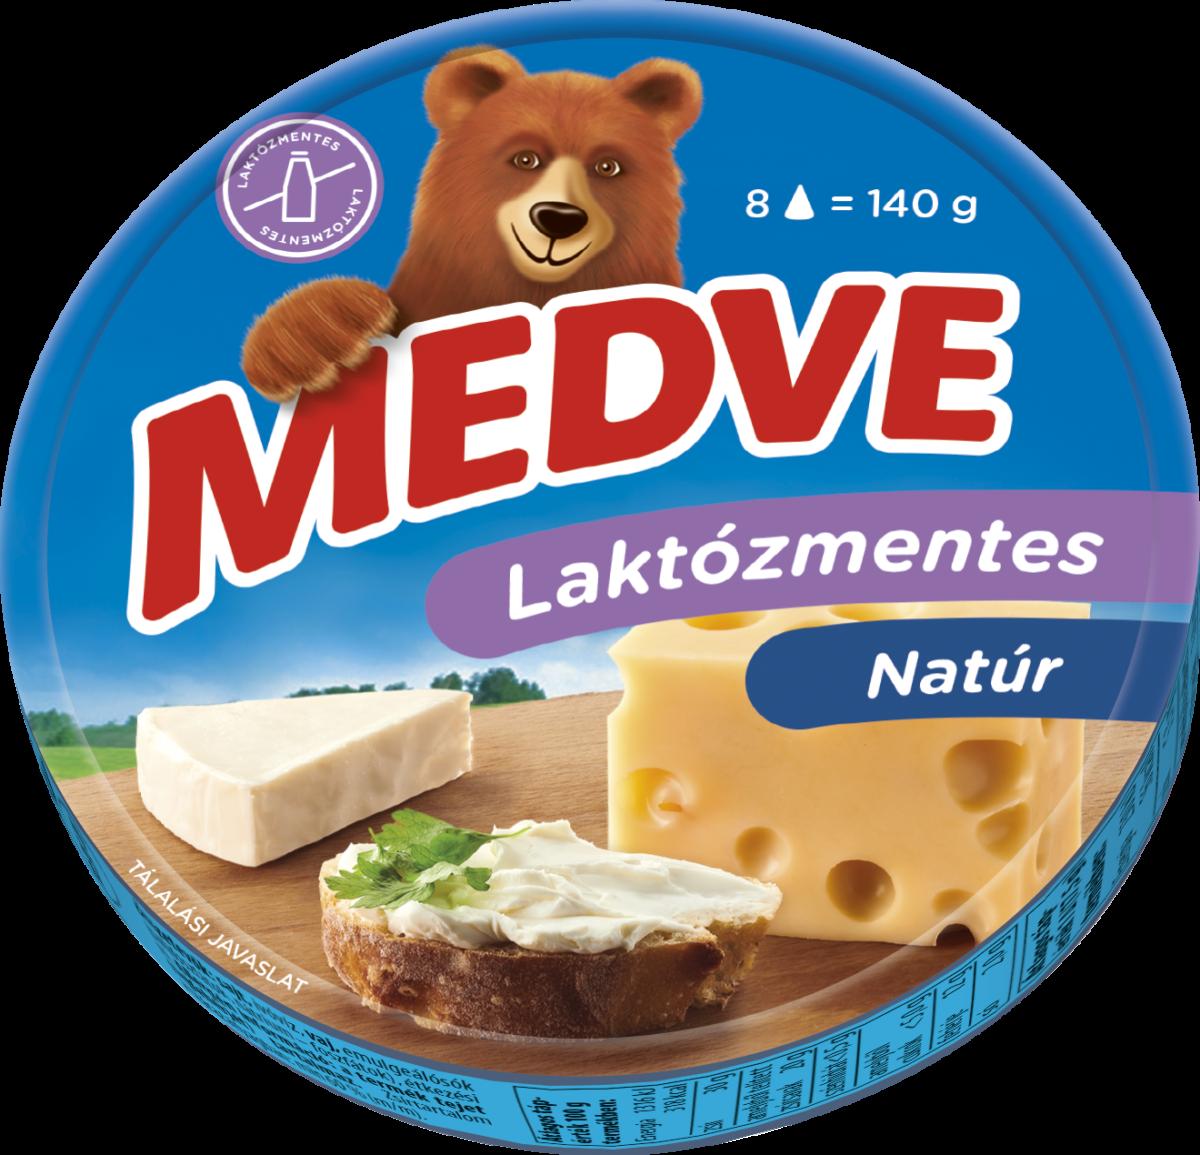 Medve laktózmentes natúr kördobozos kockasajt 140g